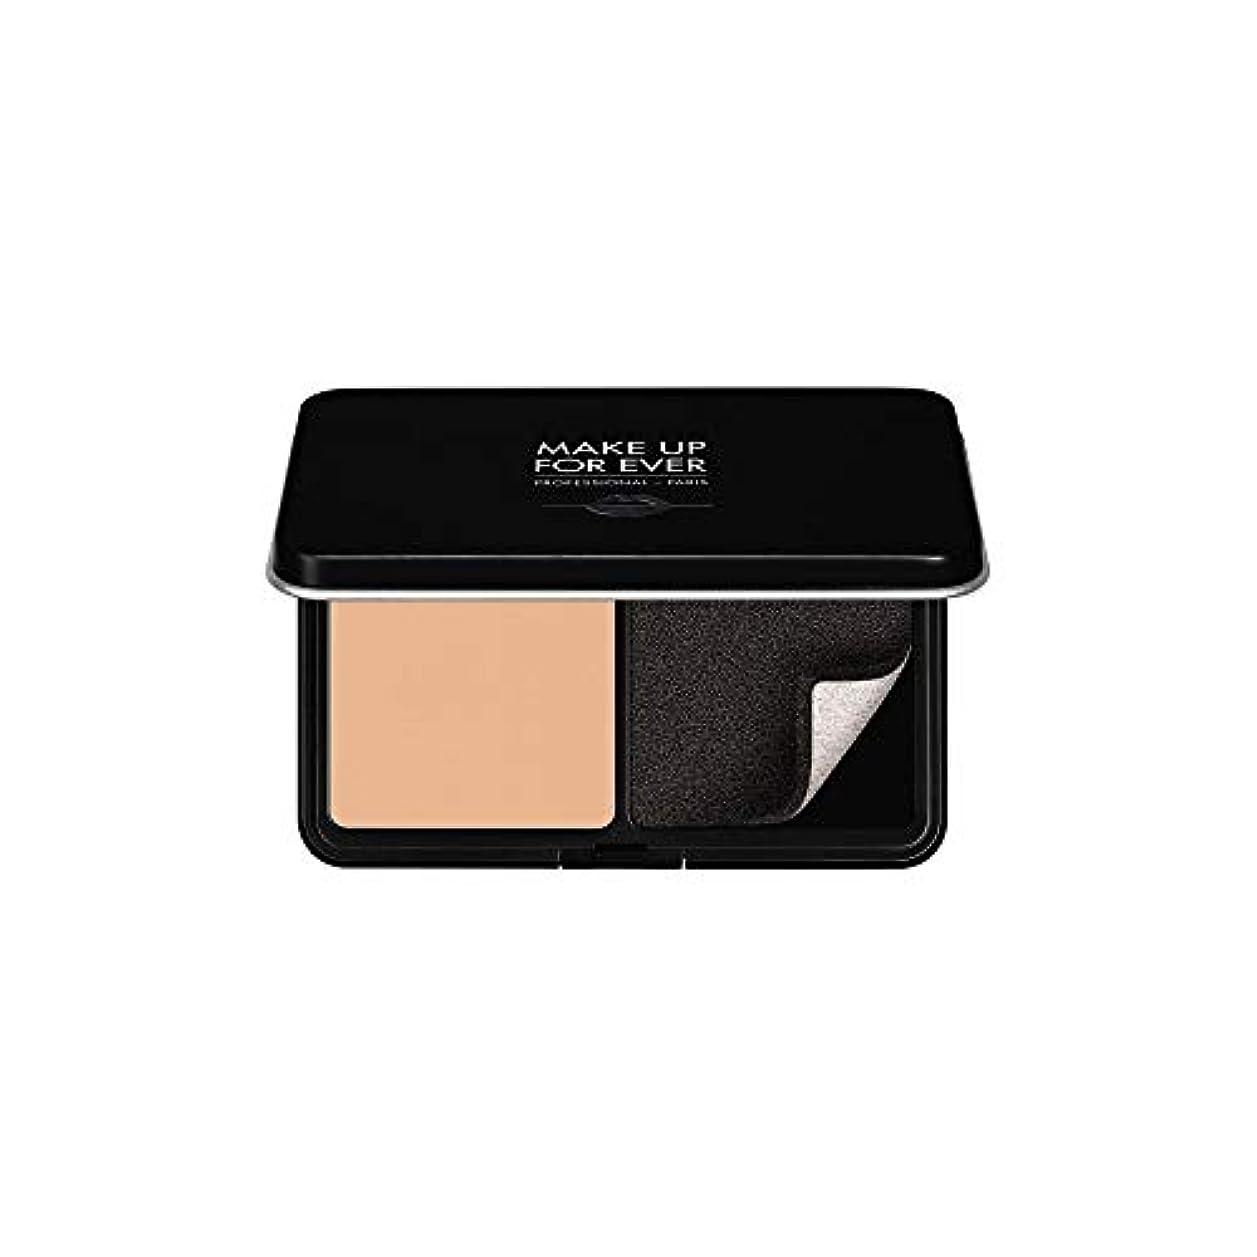 乱用ロイヤリティコックメイクアップフォーエバー Matte Velvet Skin Blurring Powder Foundation - # R230 (Ivory) 11g/0.38oz並行輸入品